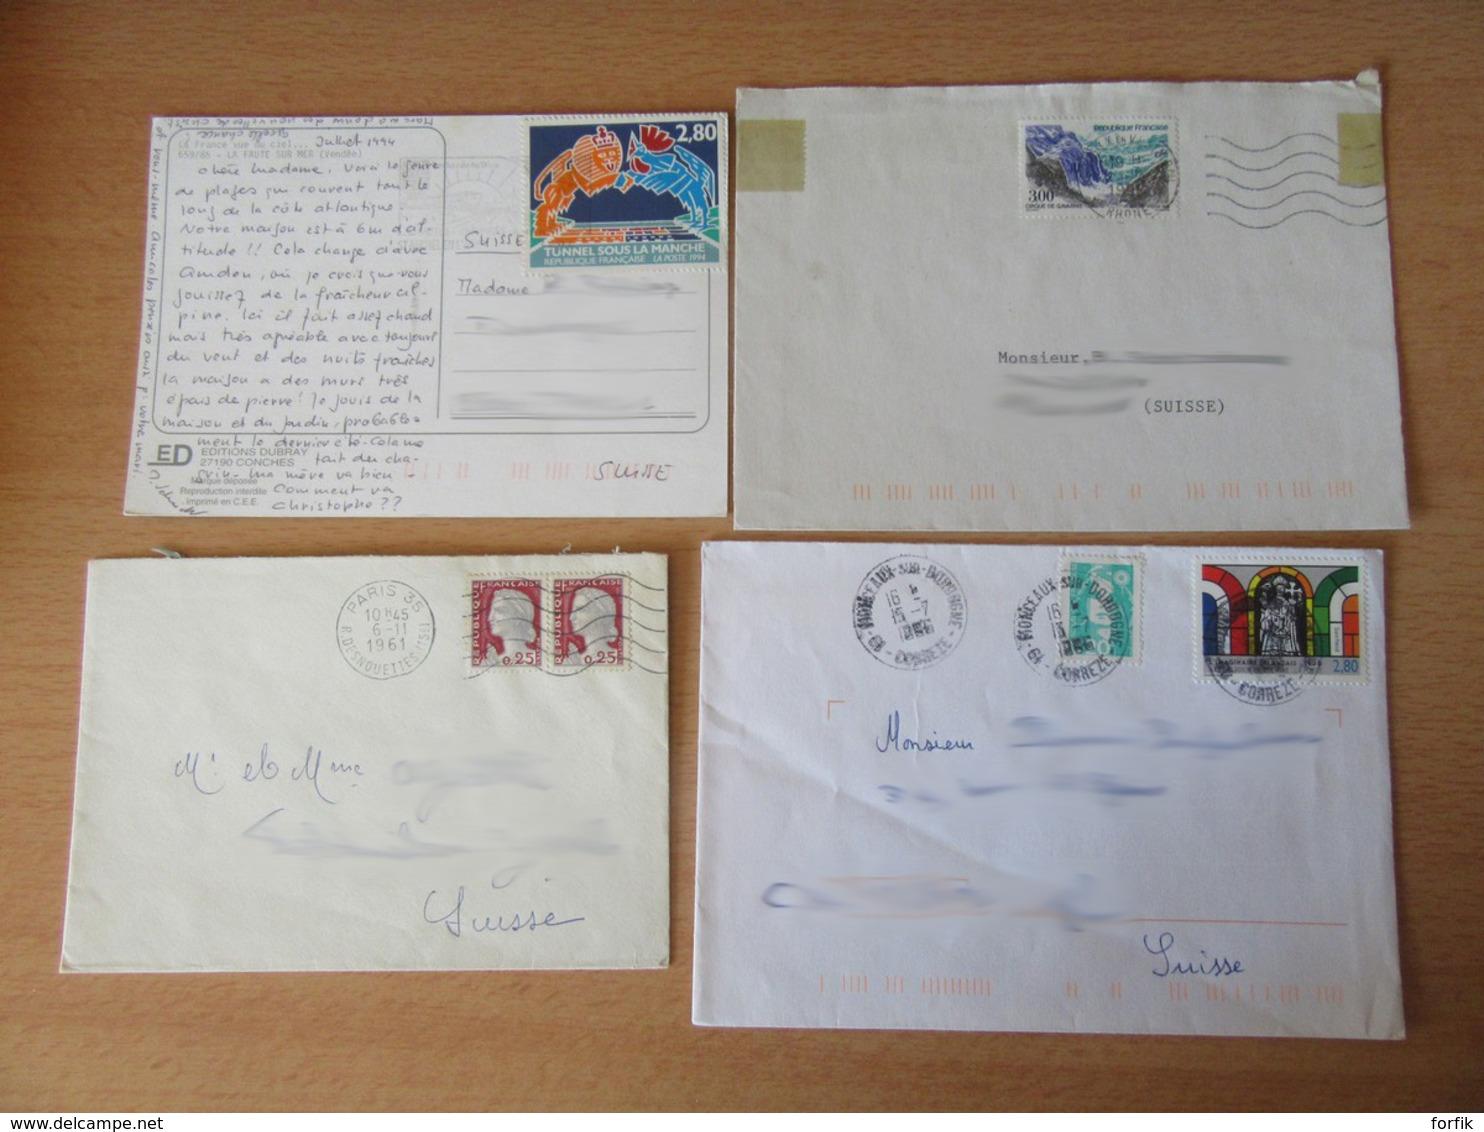 France Vers Suisse - Lot De 44 Enveloppes Timbrées Modernes - Bons Affranchissements Et Timbres Variés - France